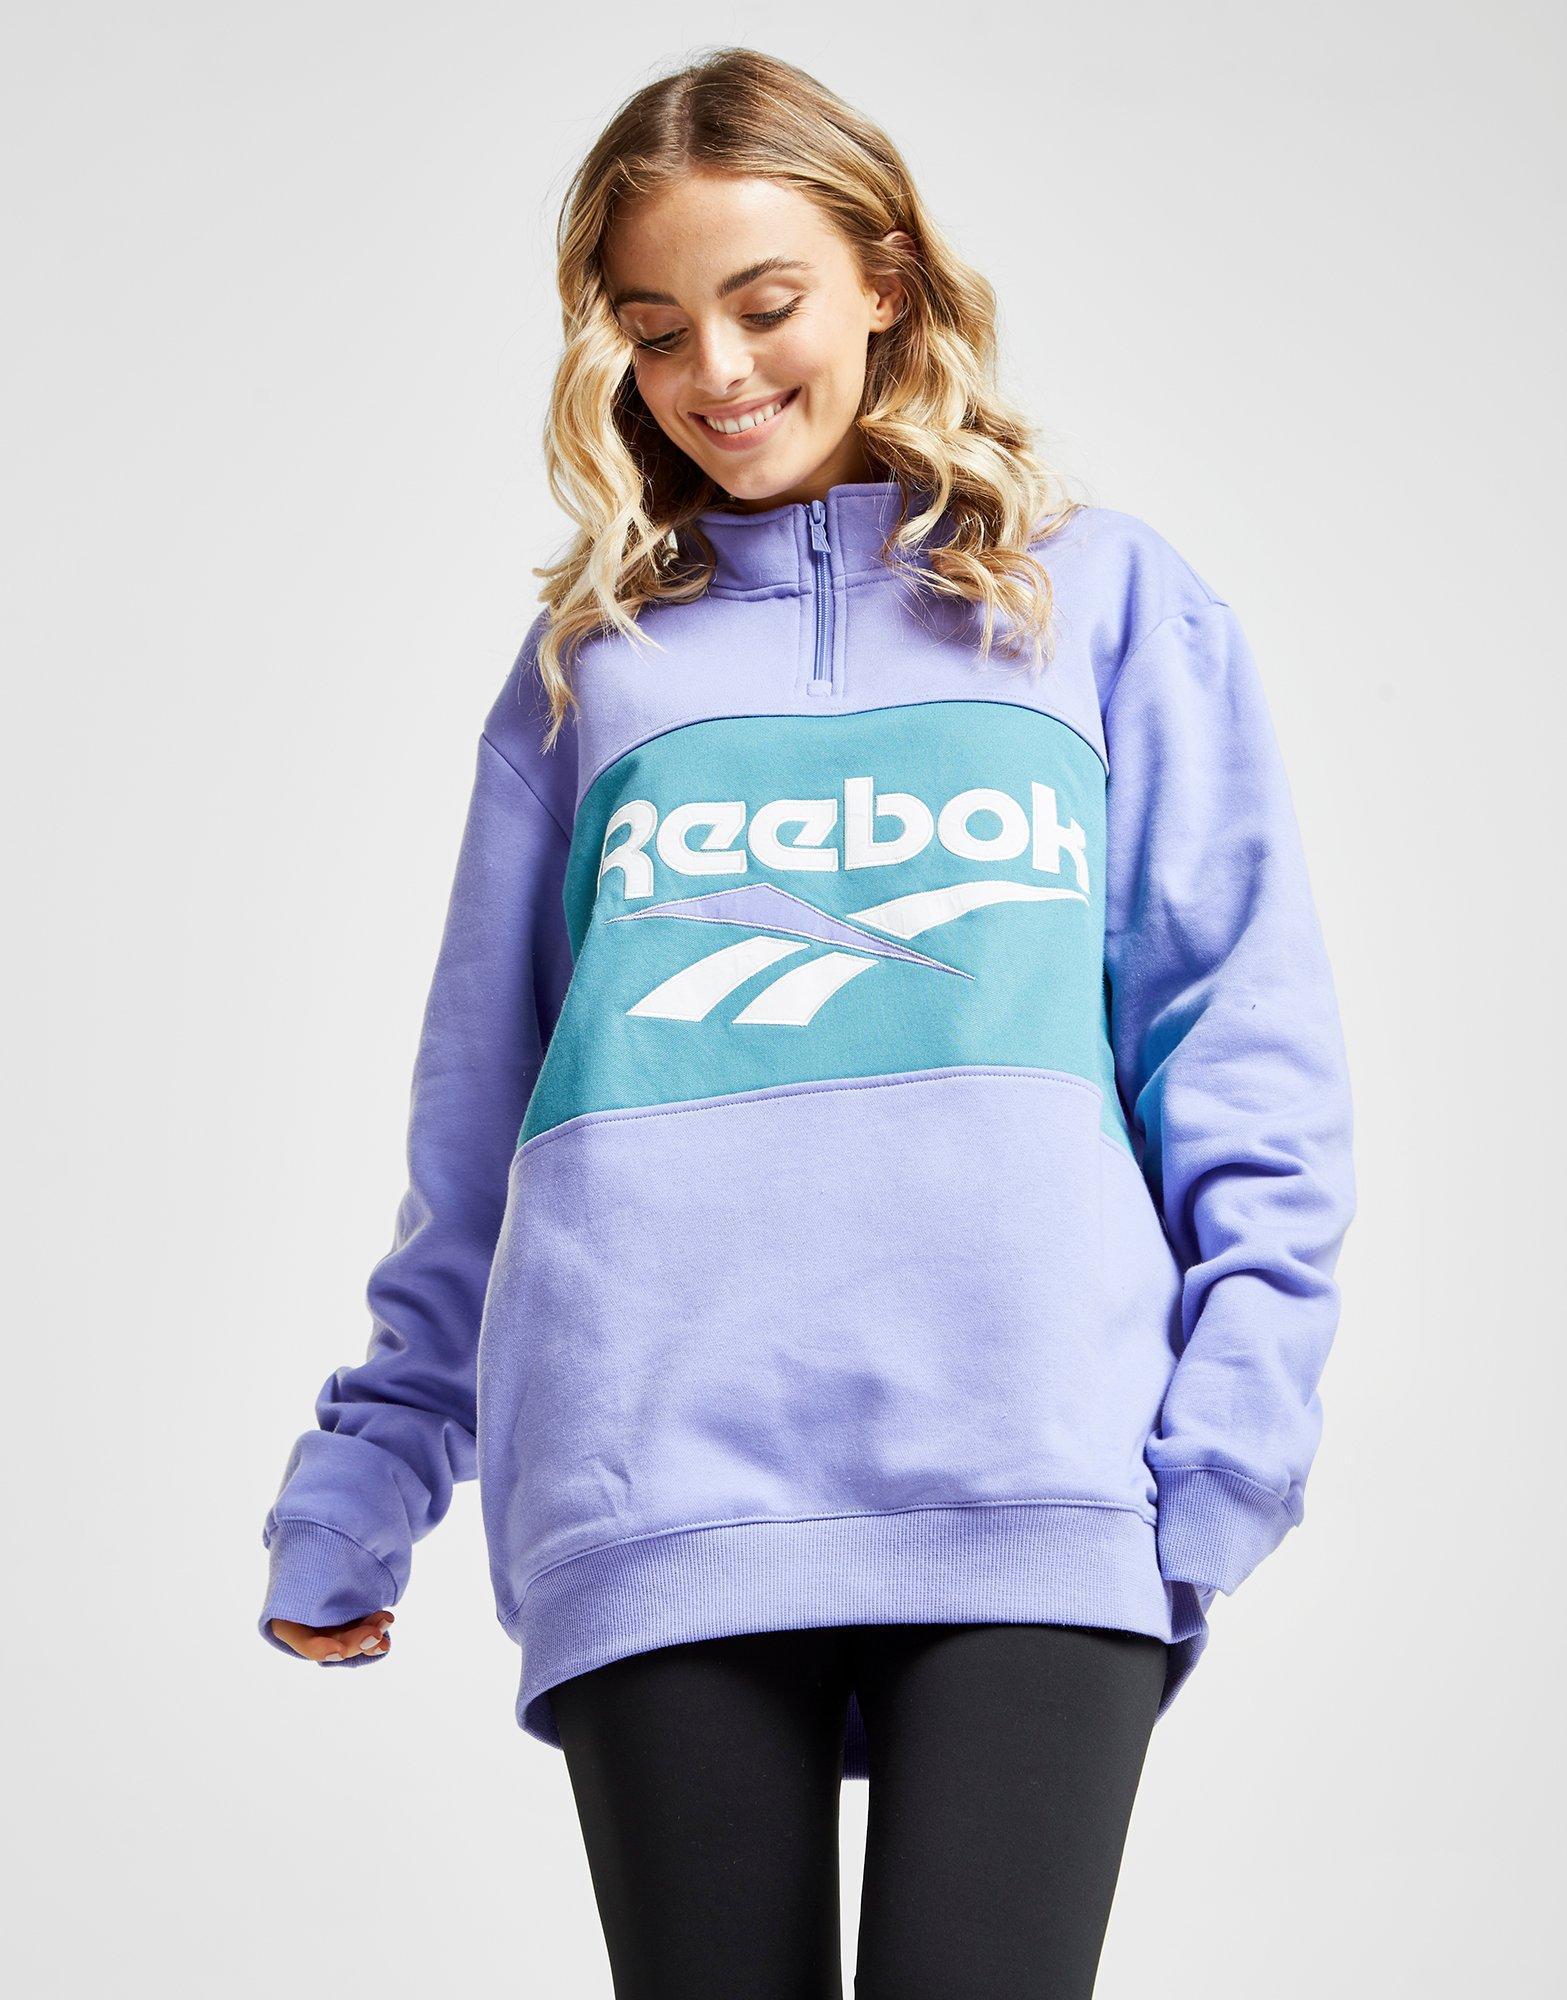 retro super barato se compara con en venta Reebok Cotton Vector 1/4 Zip Sweatshirt - Lyst